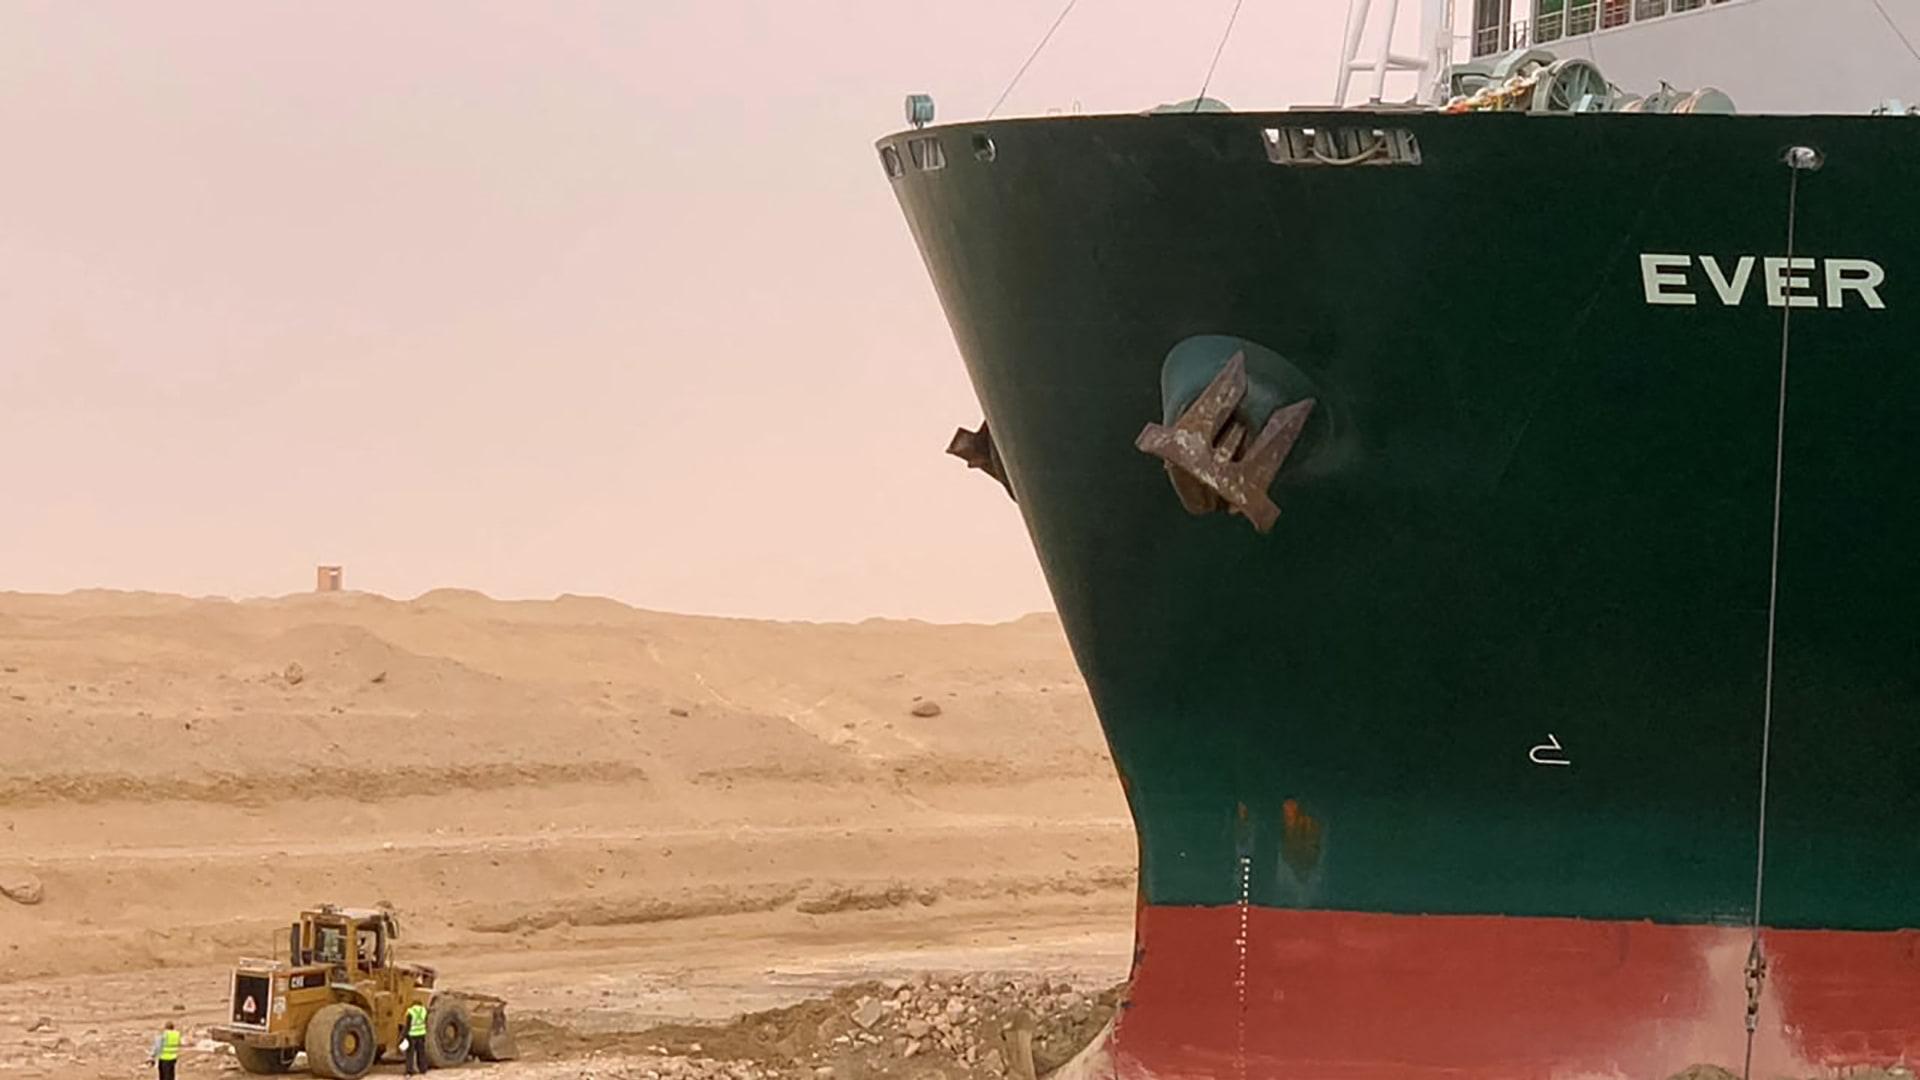 """وسط ذروة المد.. """"الطبيعة الأم"""" تصعّب عملية تعويم السفينة الجانحة في السويس"""